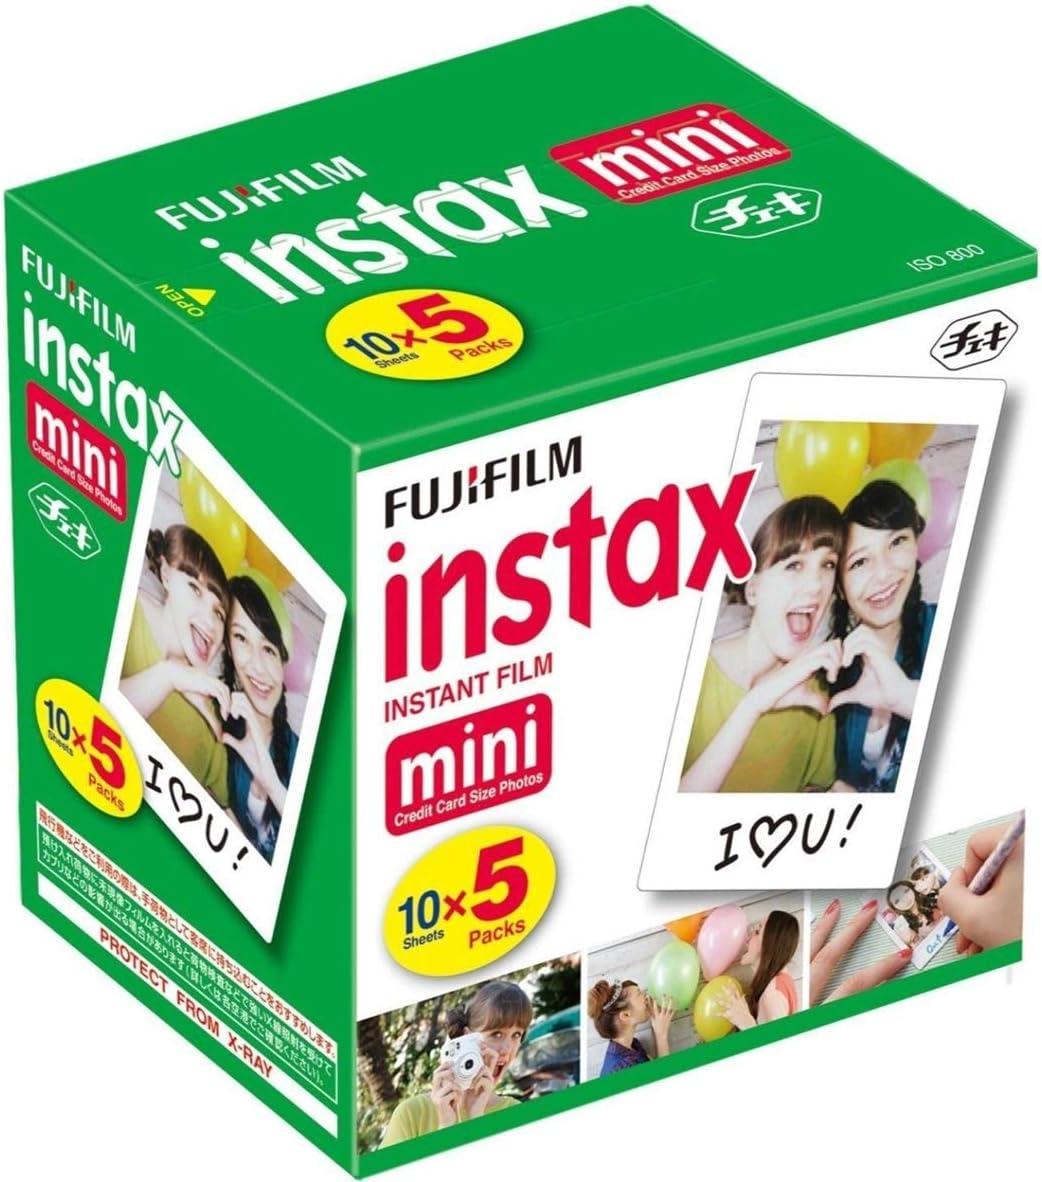 Fujifilm Instax Mini - Película fotográfica para Fujifilm Insta Mini: Amazon.es: Electrónica